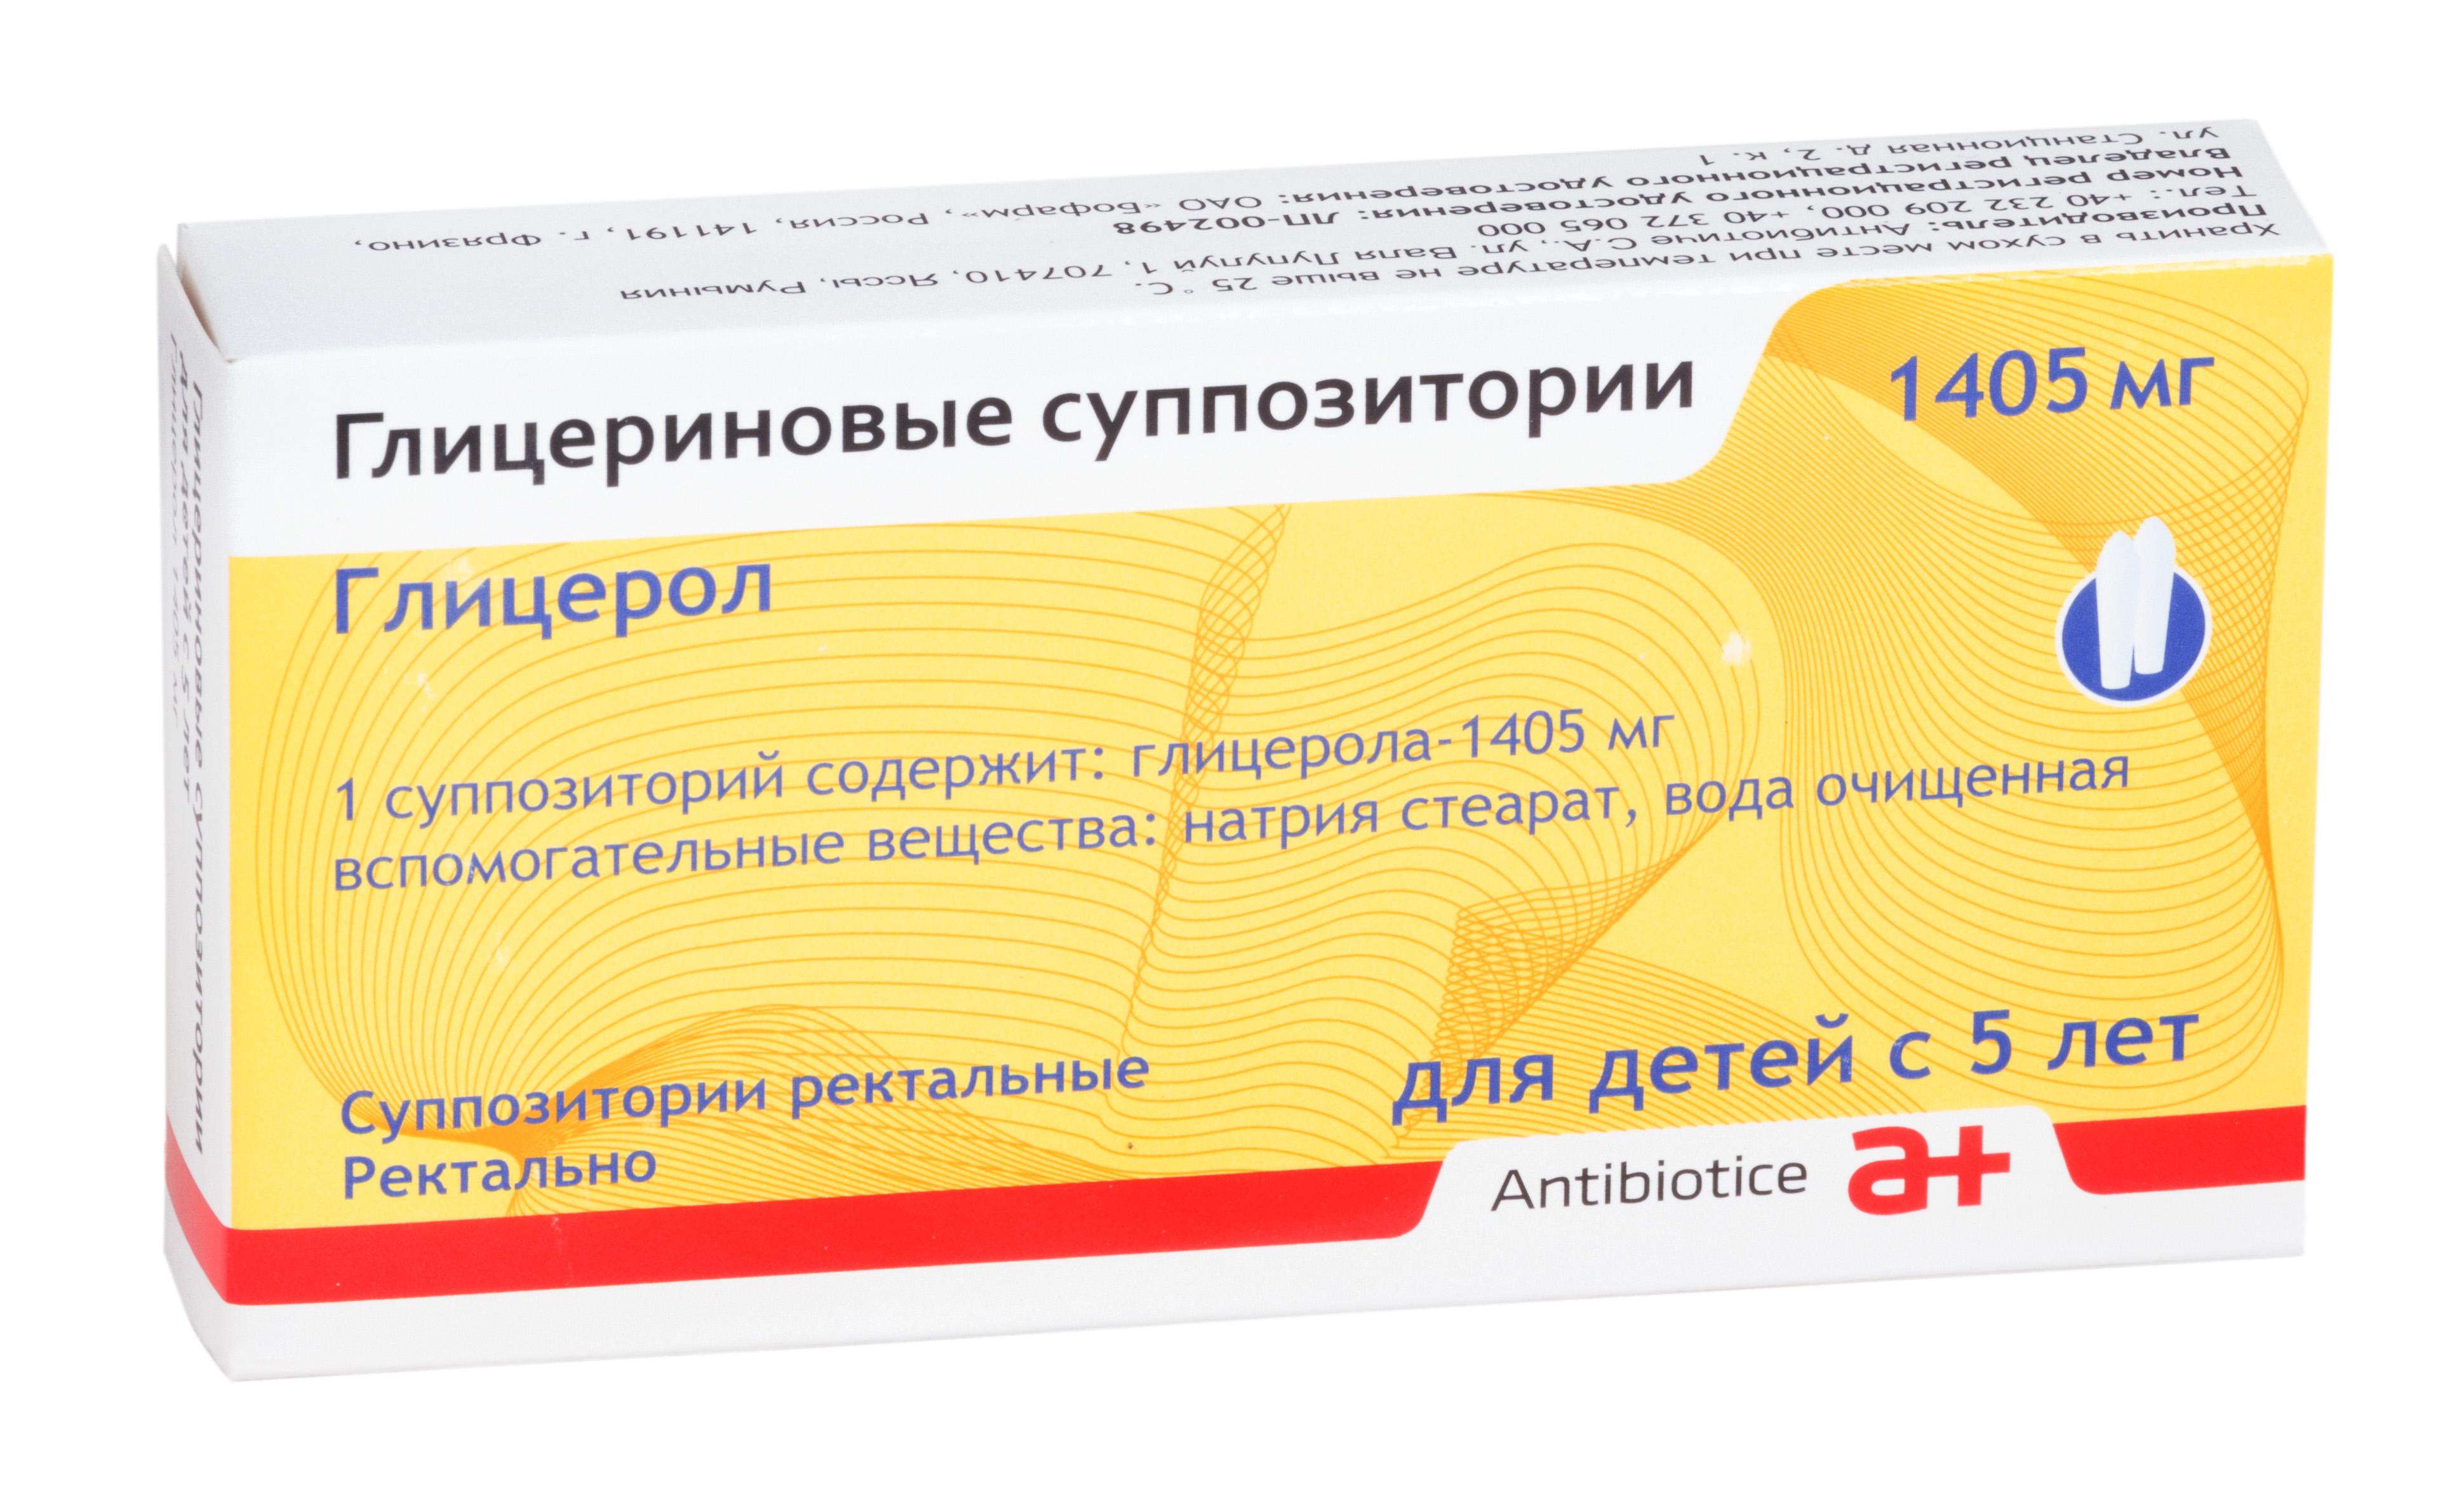 Глицериновые суппозитории супп. рект. 1405мг №12